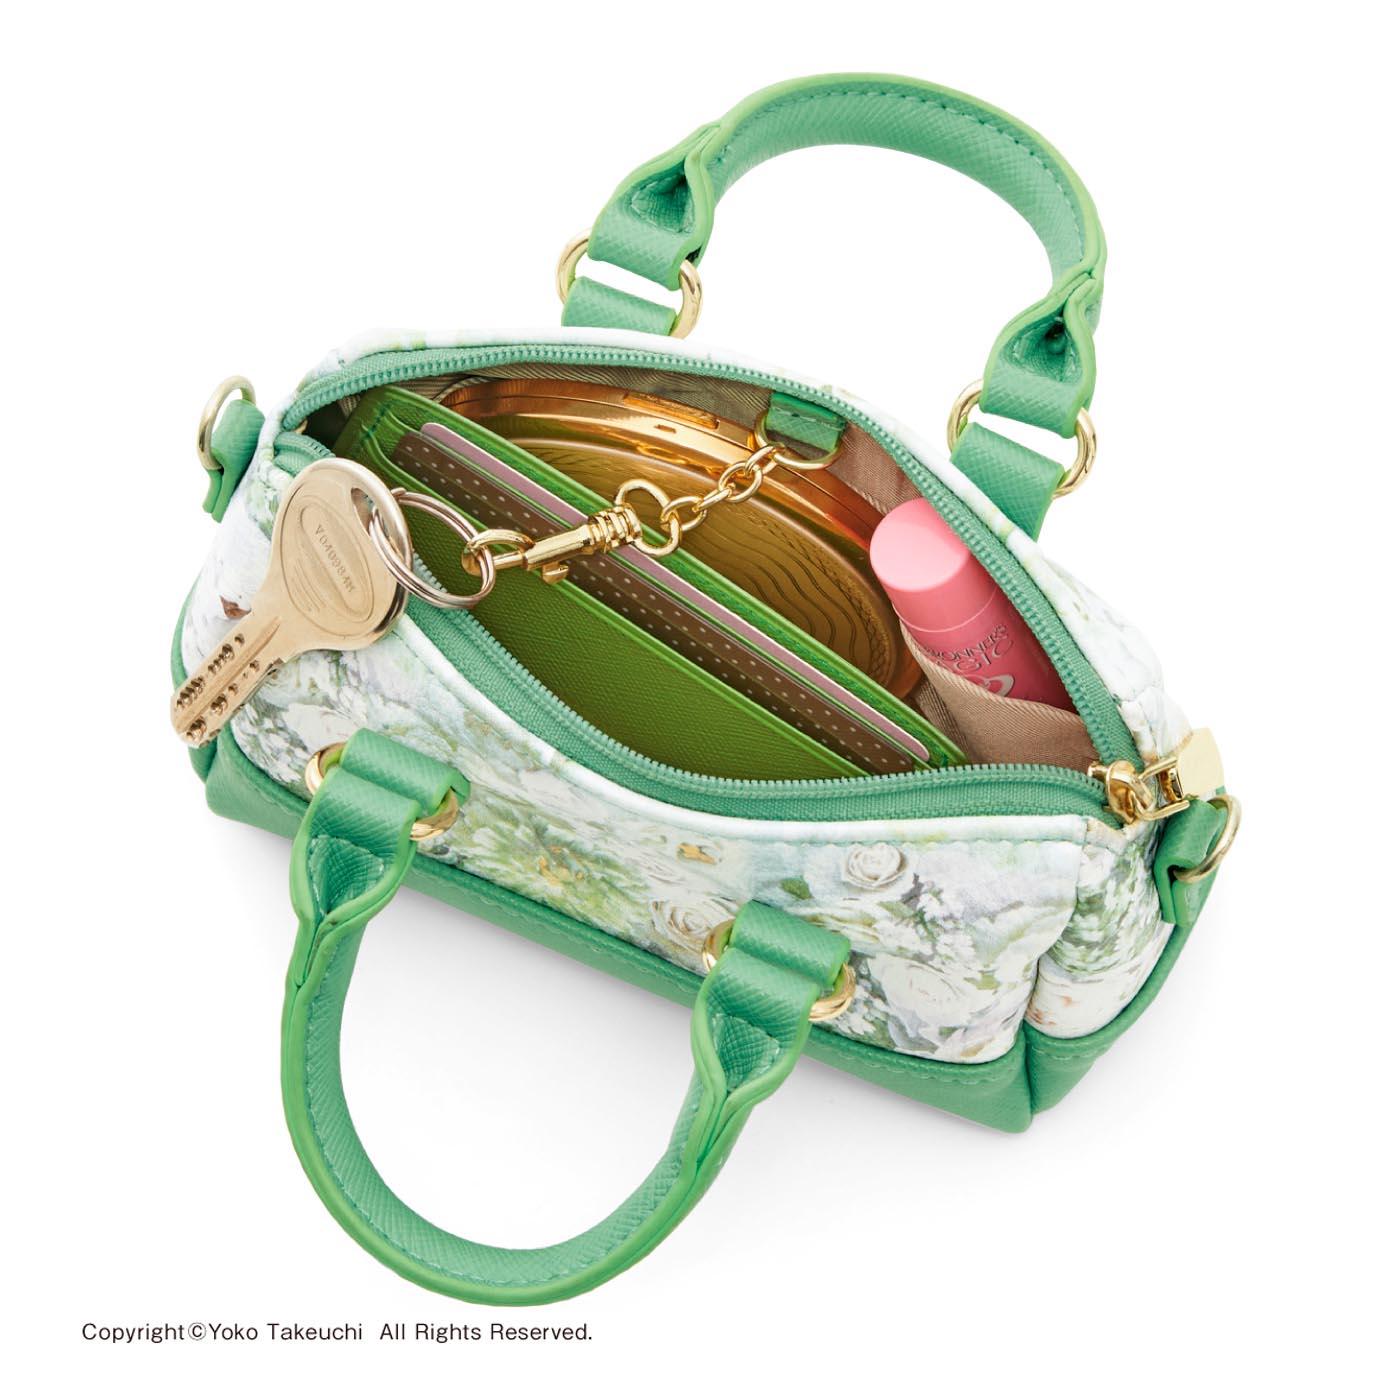 〈ライラックホワイト〉 内ポケット1個&キーチェーン1個付き。リップクリームや手鏡、カードケースなどを入れるのにぴったり(鍵、リップクリーム、手鏡、カードケースは商品に含まれません)